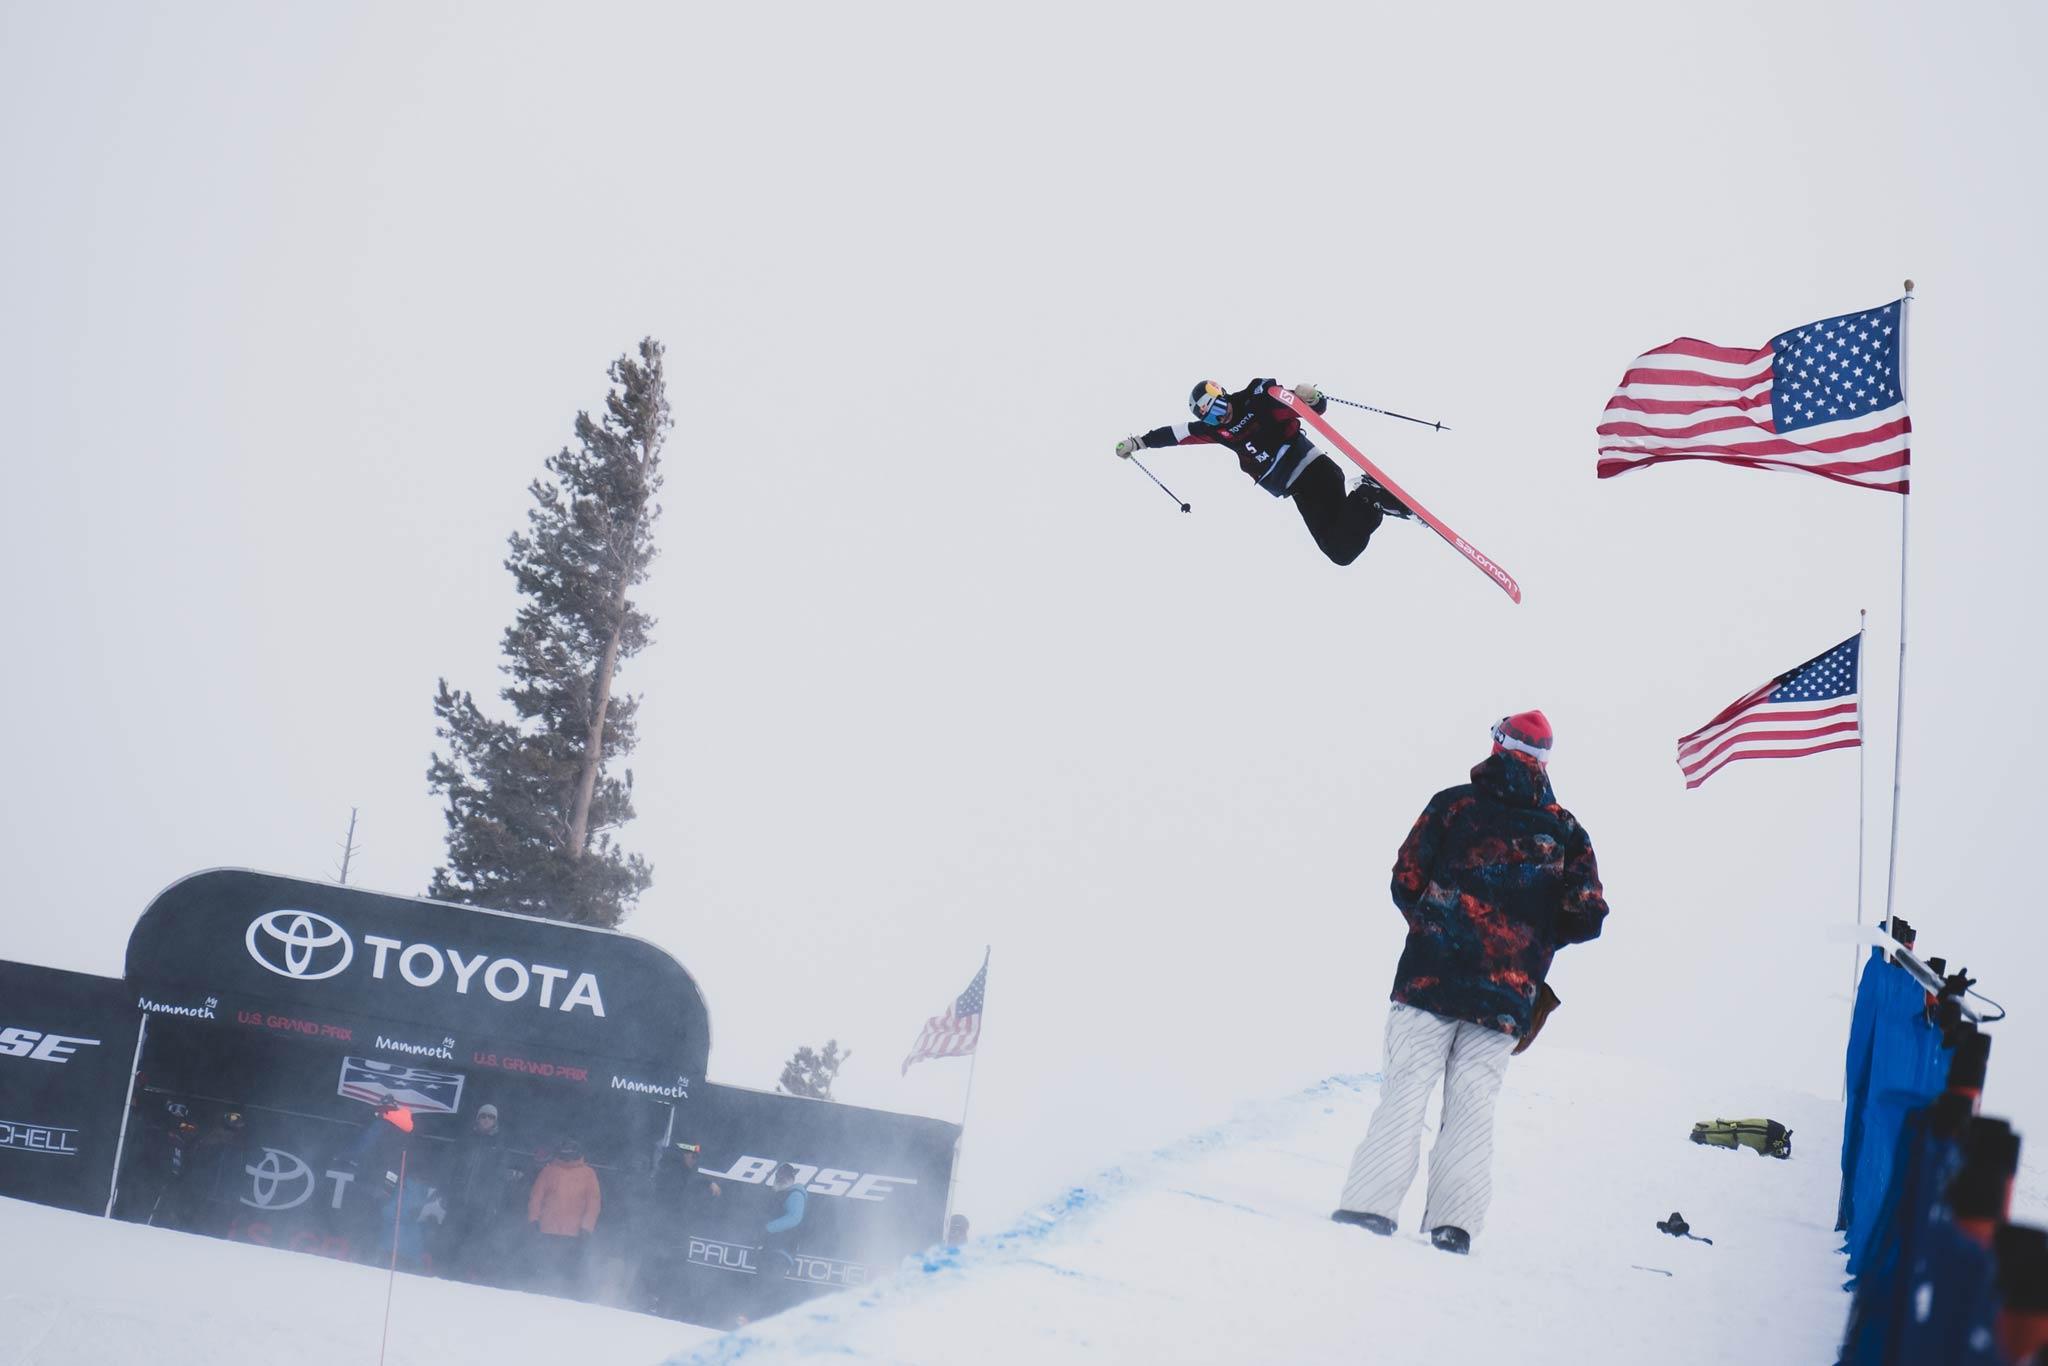 Zuerst lies das Wetter gar keinen Contest zu, dann reichte es trotz schwieriger Bedingungen für eine gute Halfpipe Competition in Mammoth Mountain, Kalifornien (USA) - Foto: FIS Freestyle